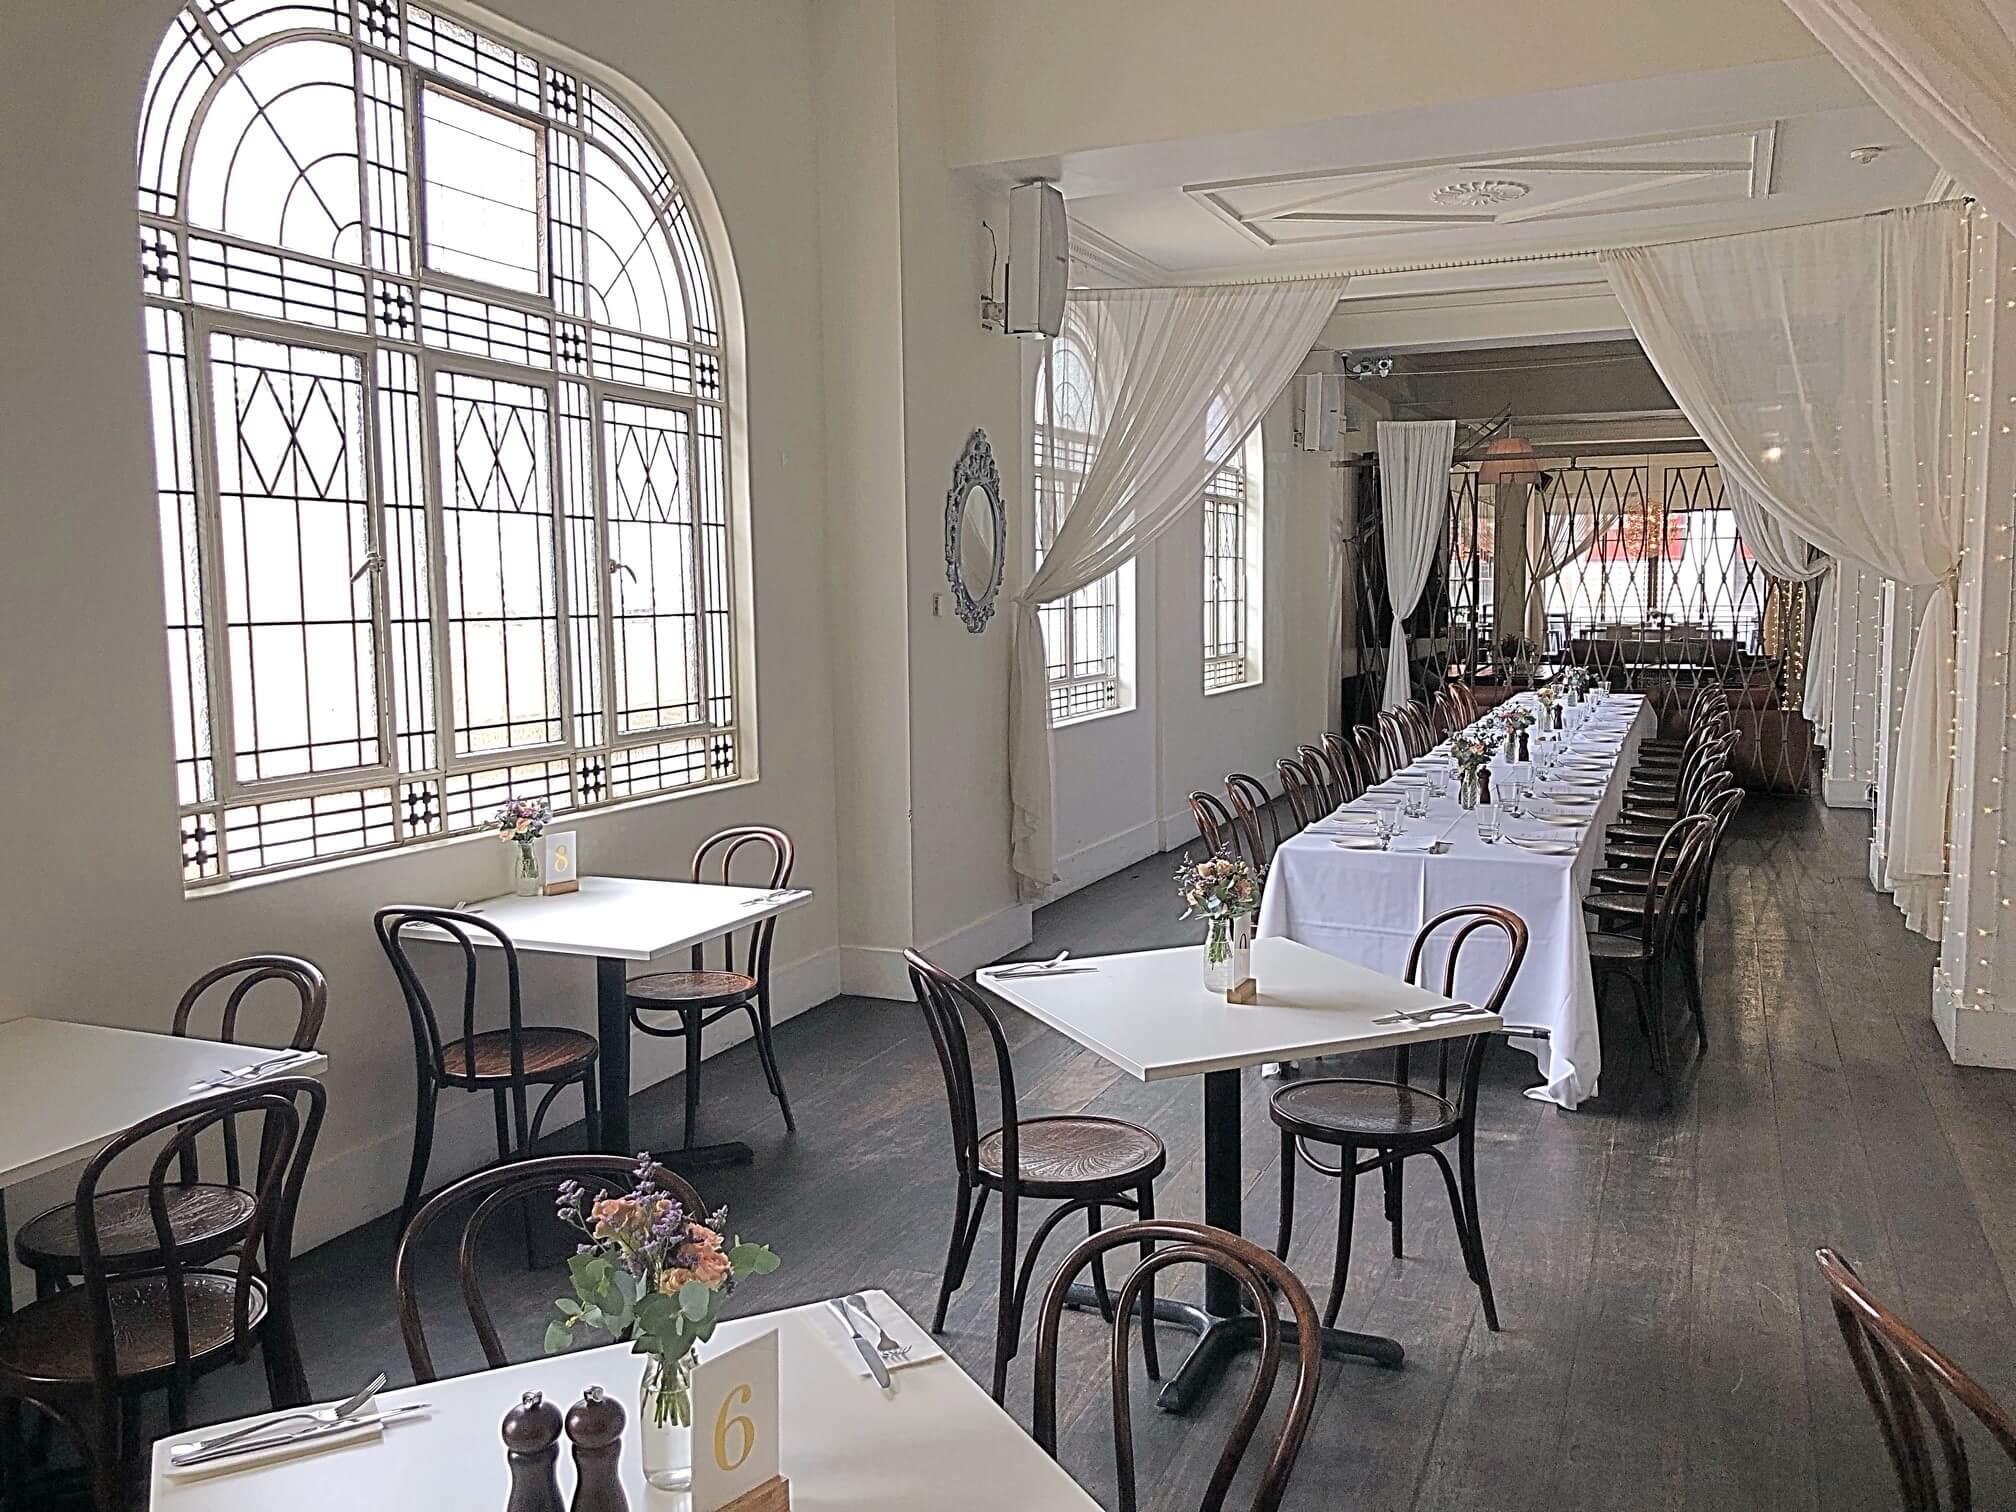 Hotel Richmond first restaurant